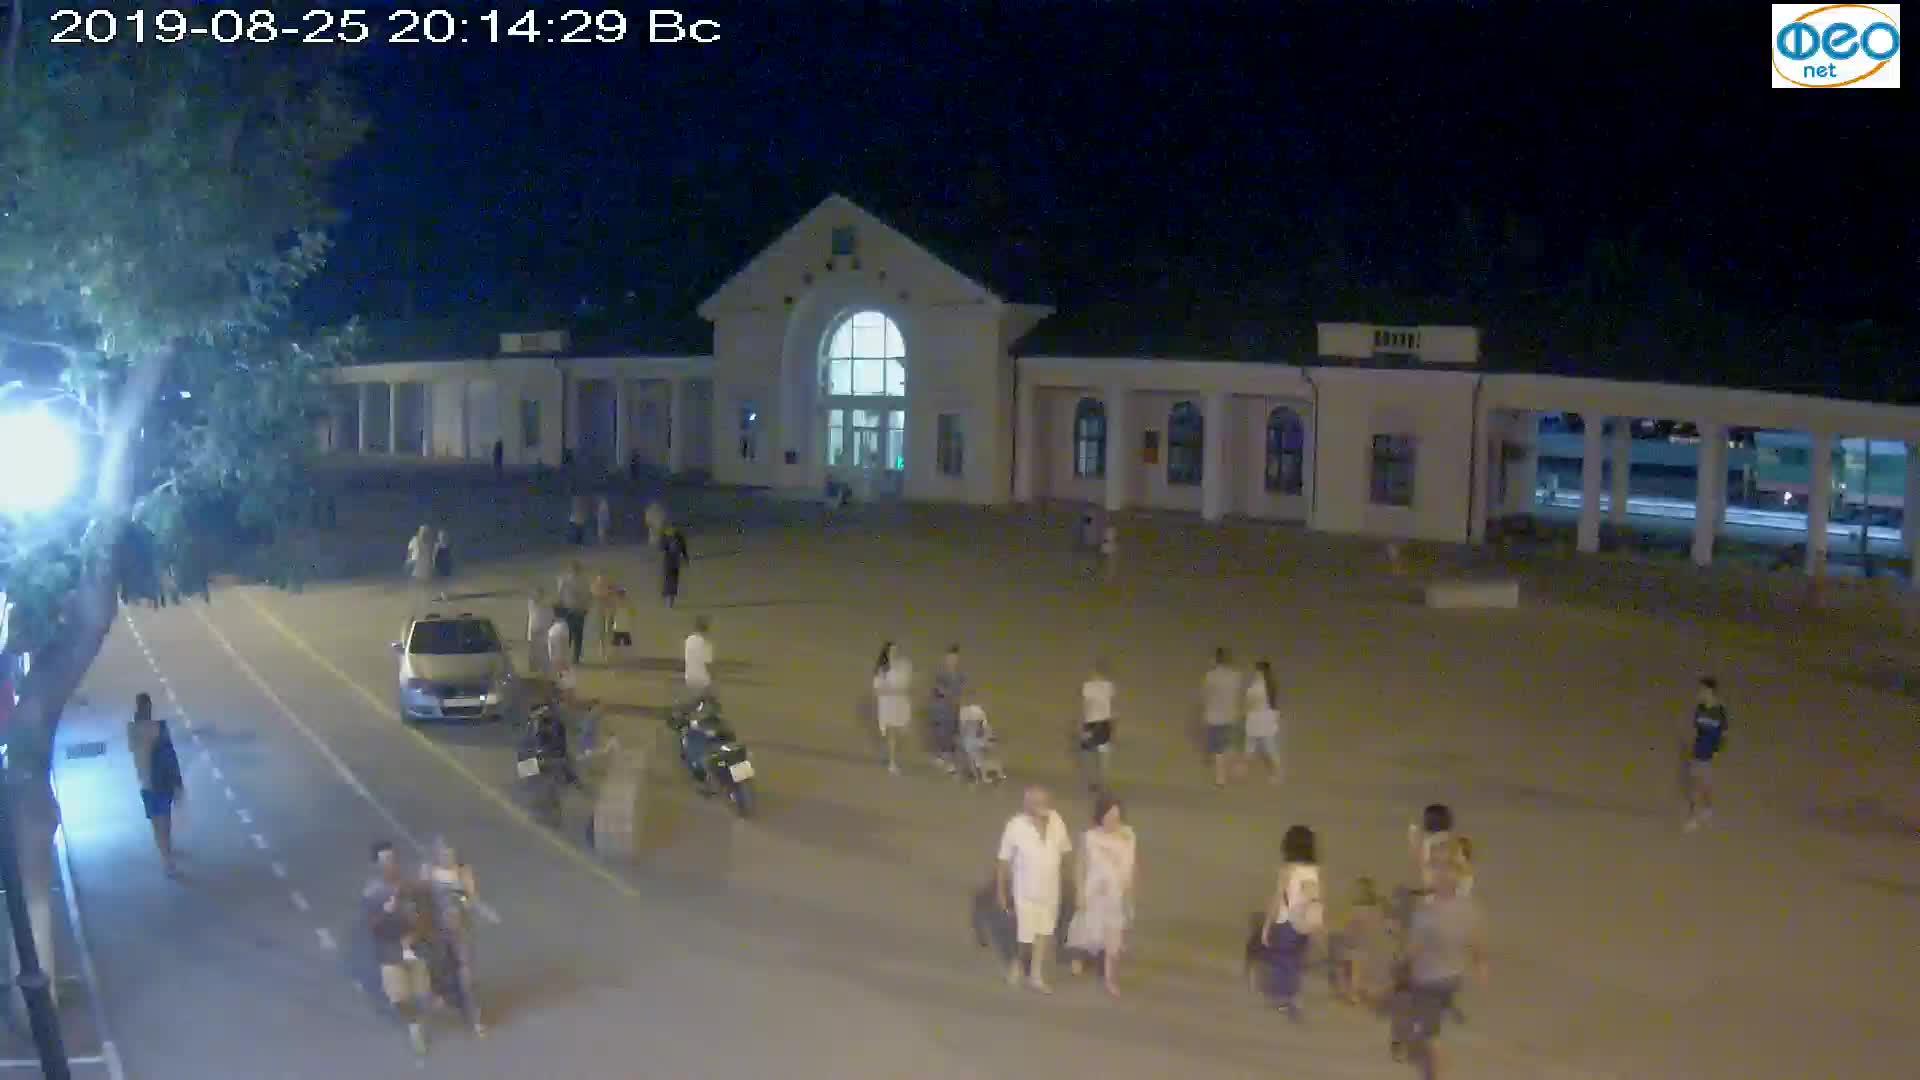 Веб-камеры Феодосии, Привокзальная площадь, 2019-08-25 20:30:05